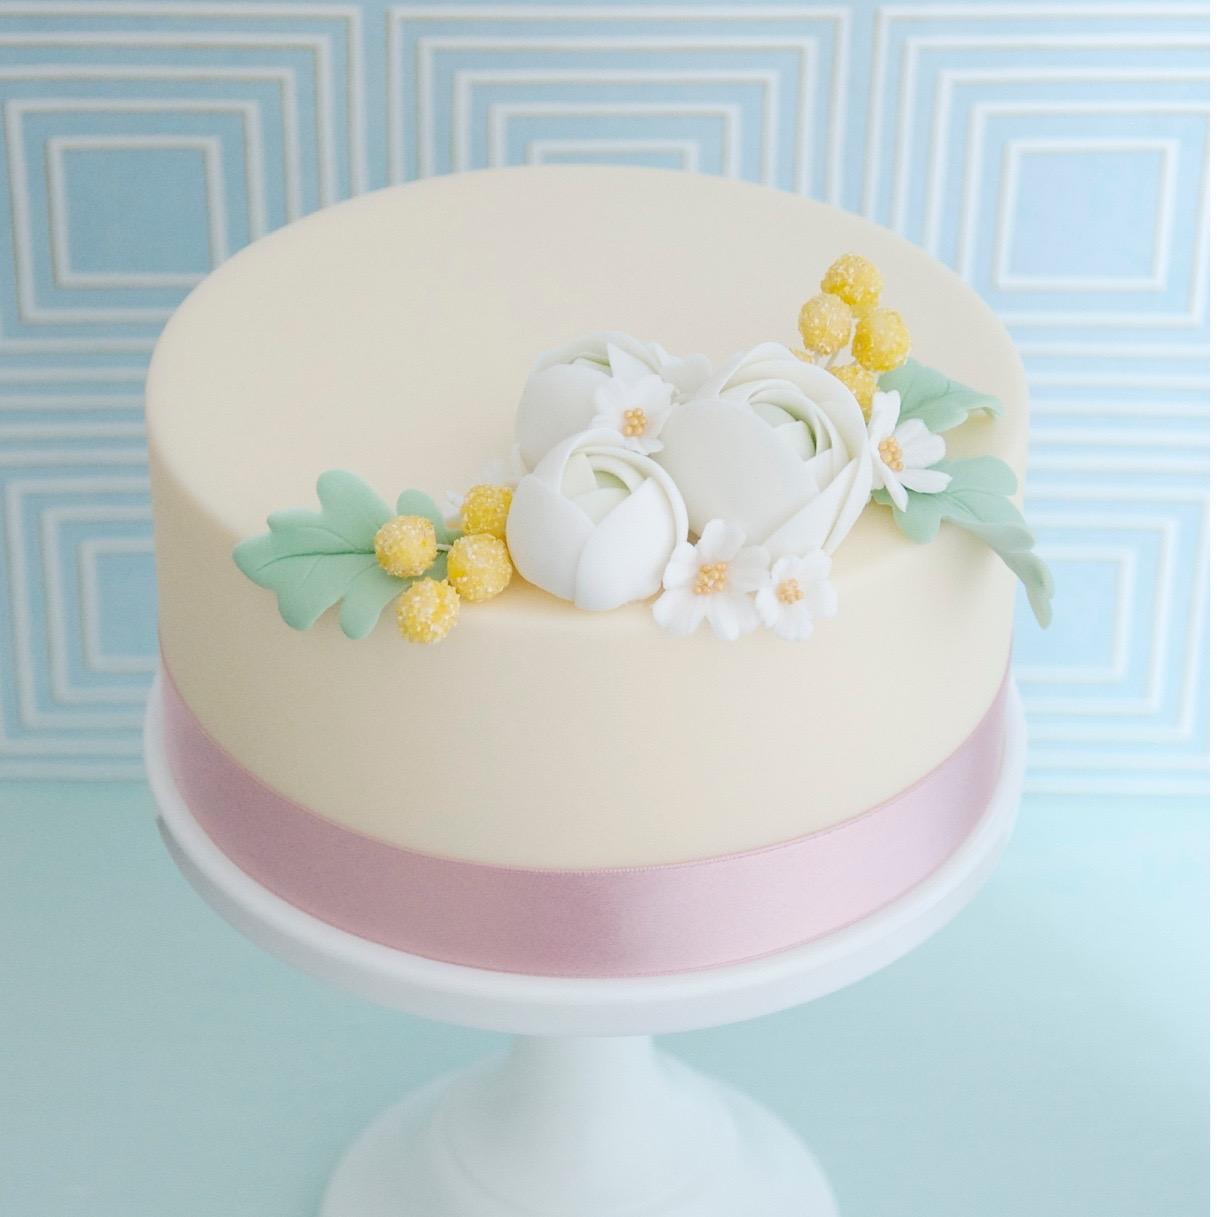 CAKE POSTCARD 2015.jpg